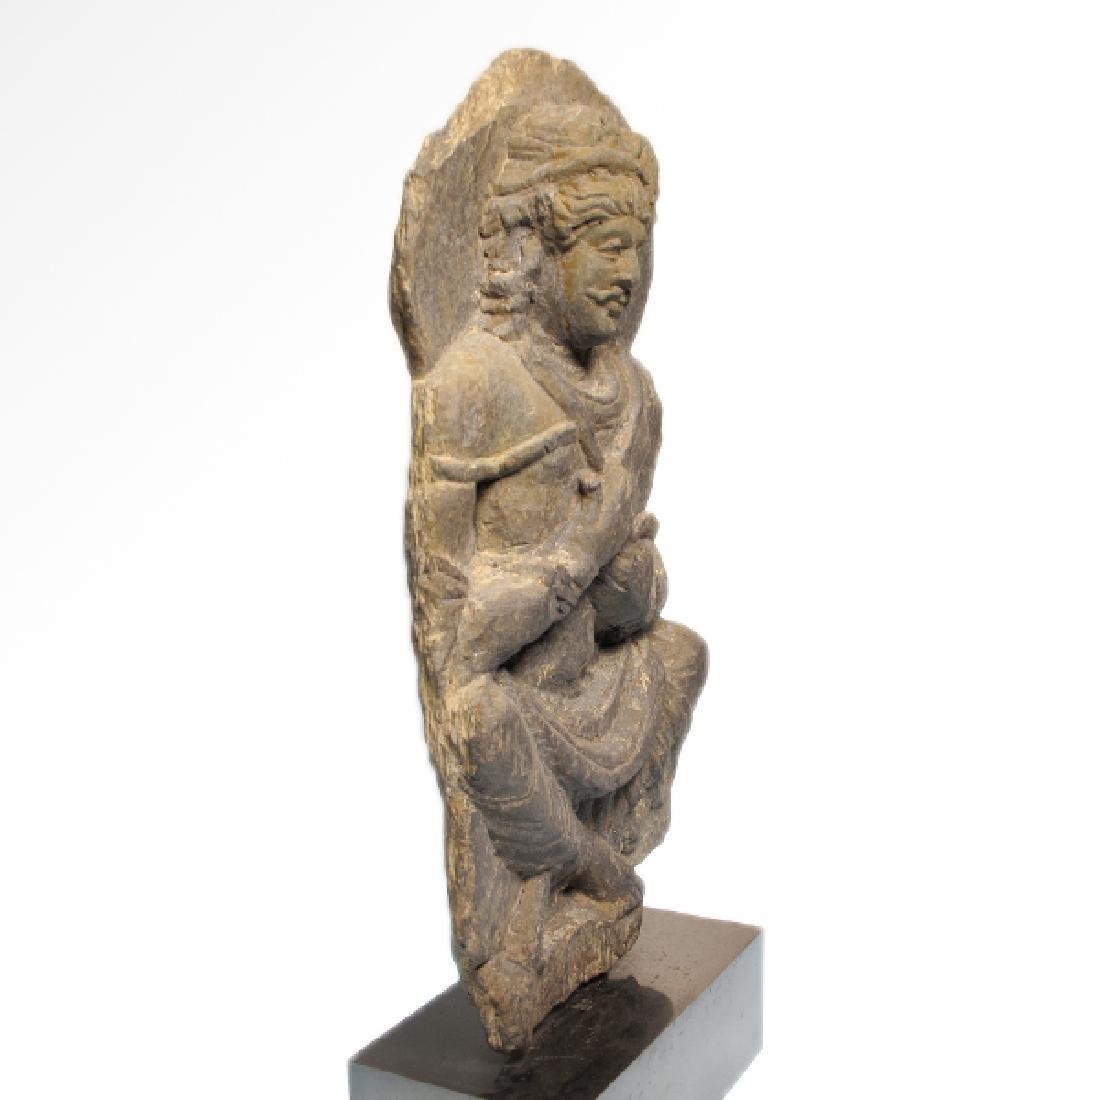 Gandhara Schist Relief Figure of a Bodhisattva, c. - 6